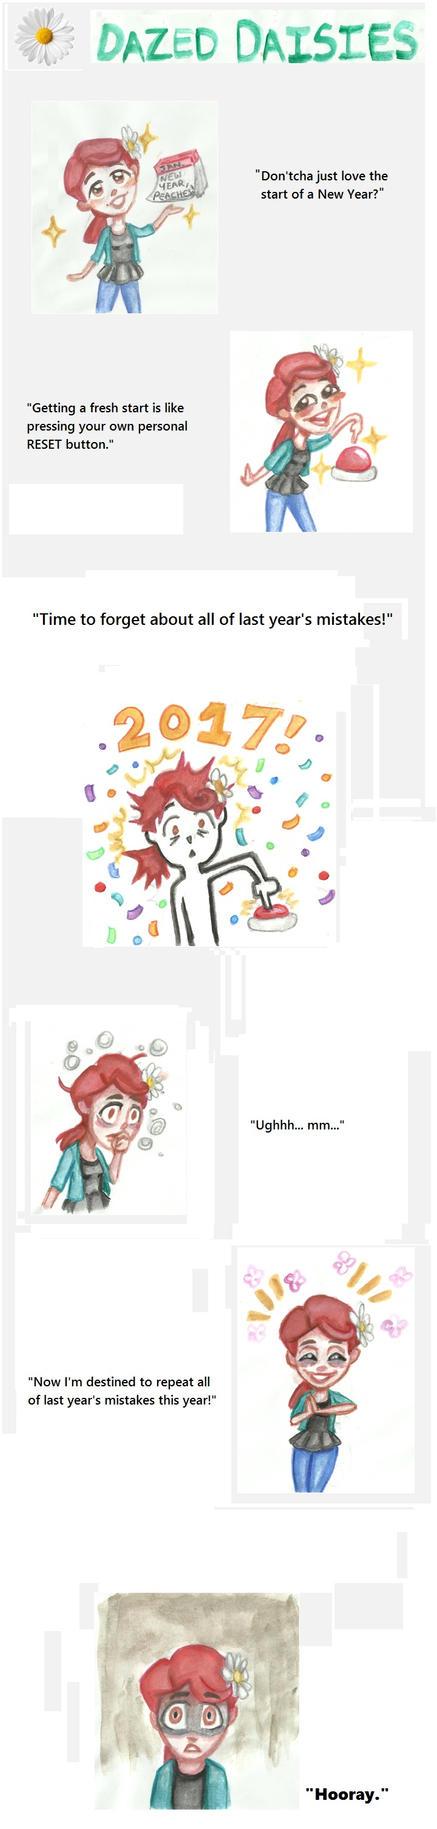 Dazed Daisies #1 - New Year, Same Mistakes by DazedDaisiesO-o